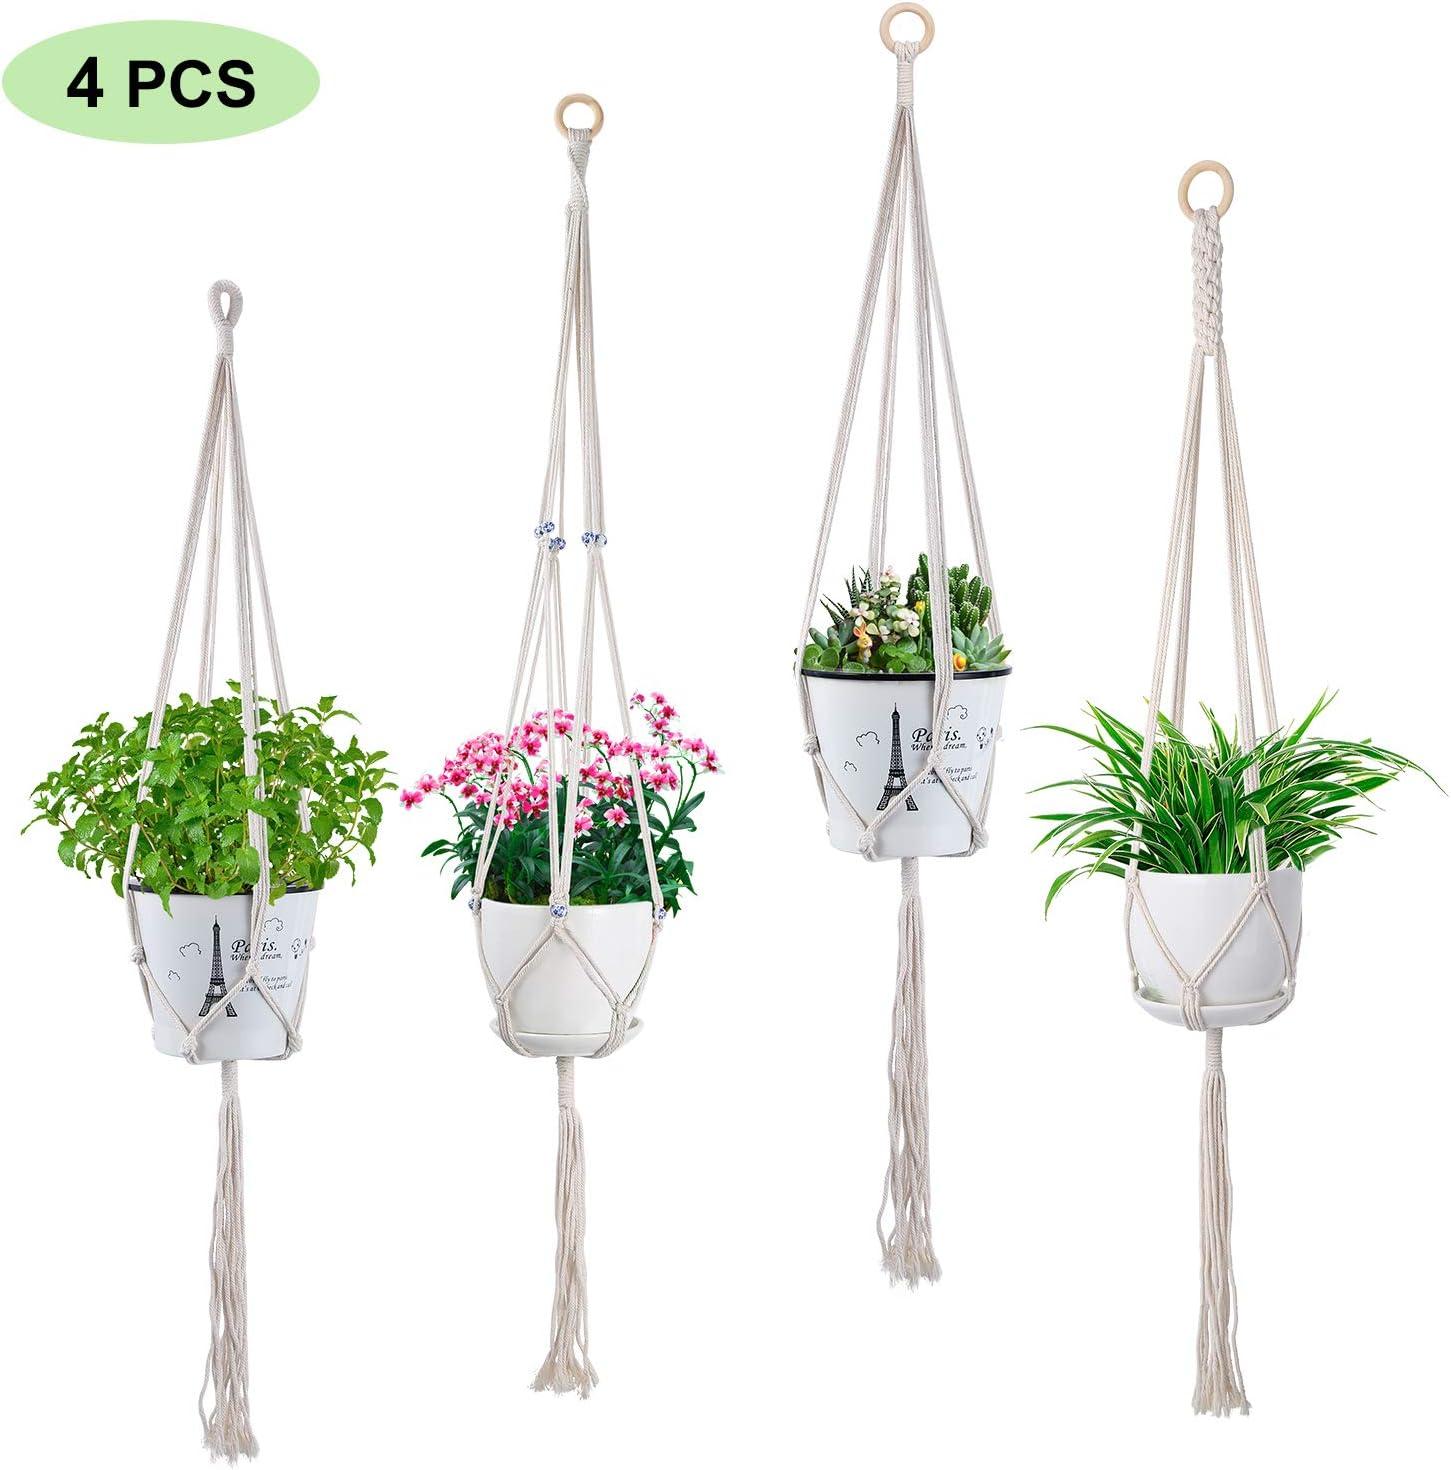 SS SHOVAN 4 Pack Plant Hangers, Macrame Plant Hangers Indoor Handmade Cotton Hanging Planter Basket Flower Pots Holders for Indoor Home Ceiling Outdoor Garden Balcony Decoration